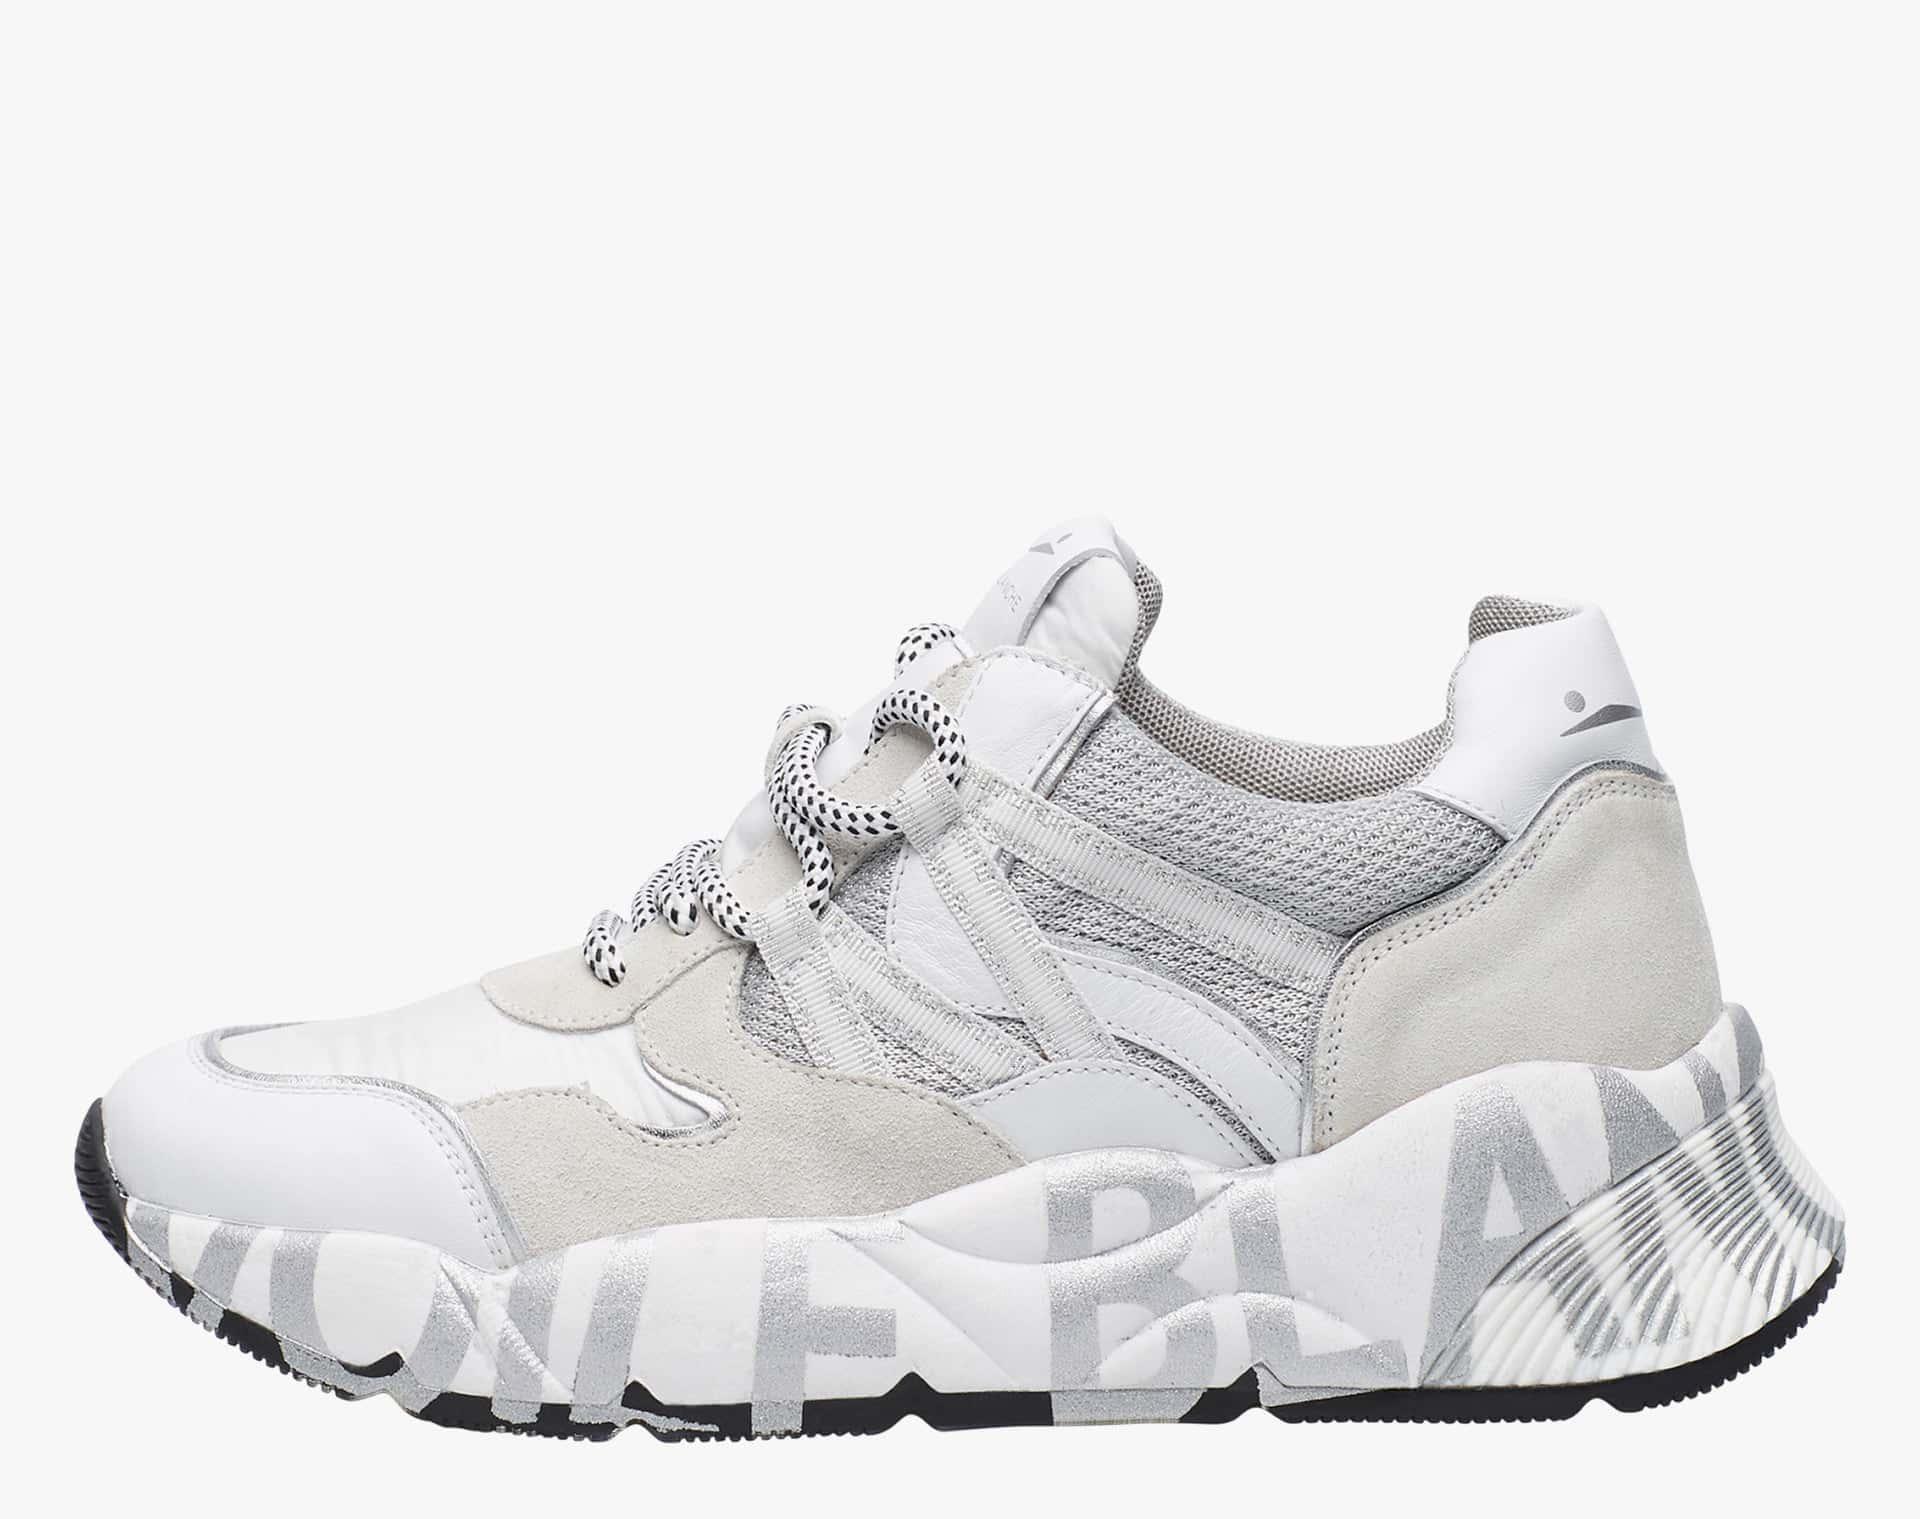 CLUB100 - Sneaker in cordura e vitello - Bianco